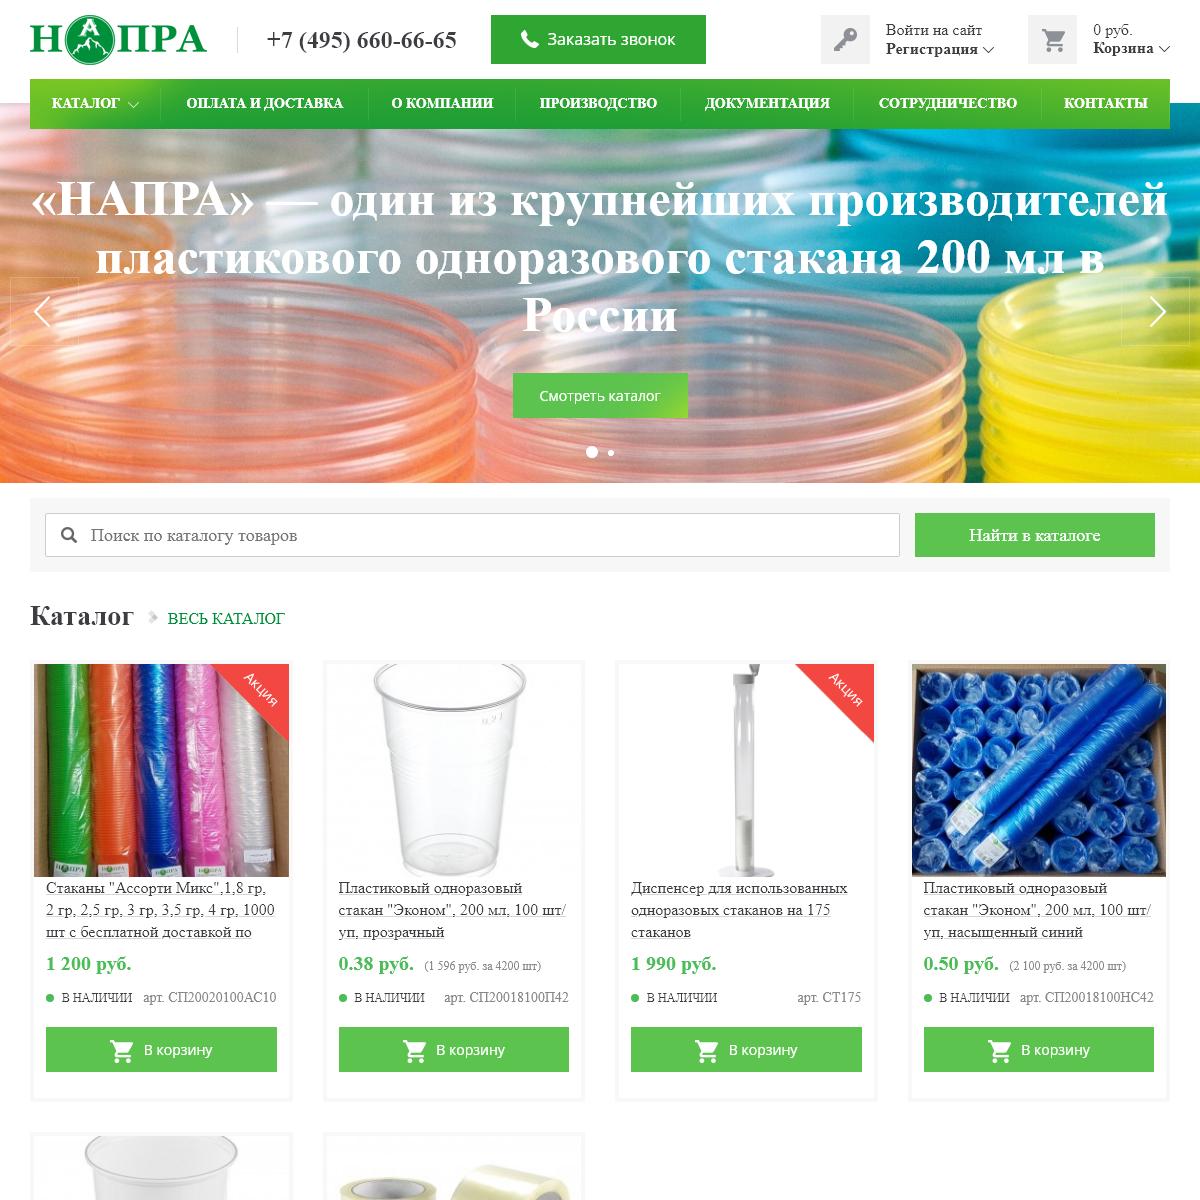 Пластиковые одноразовые стаканчики по 34 копейки от производителя -НА�